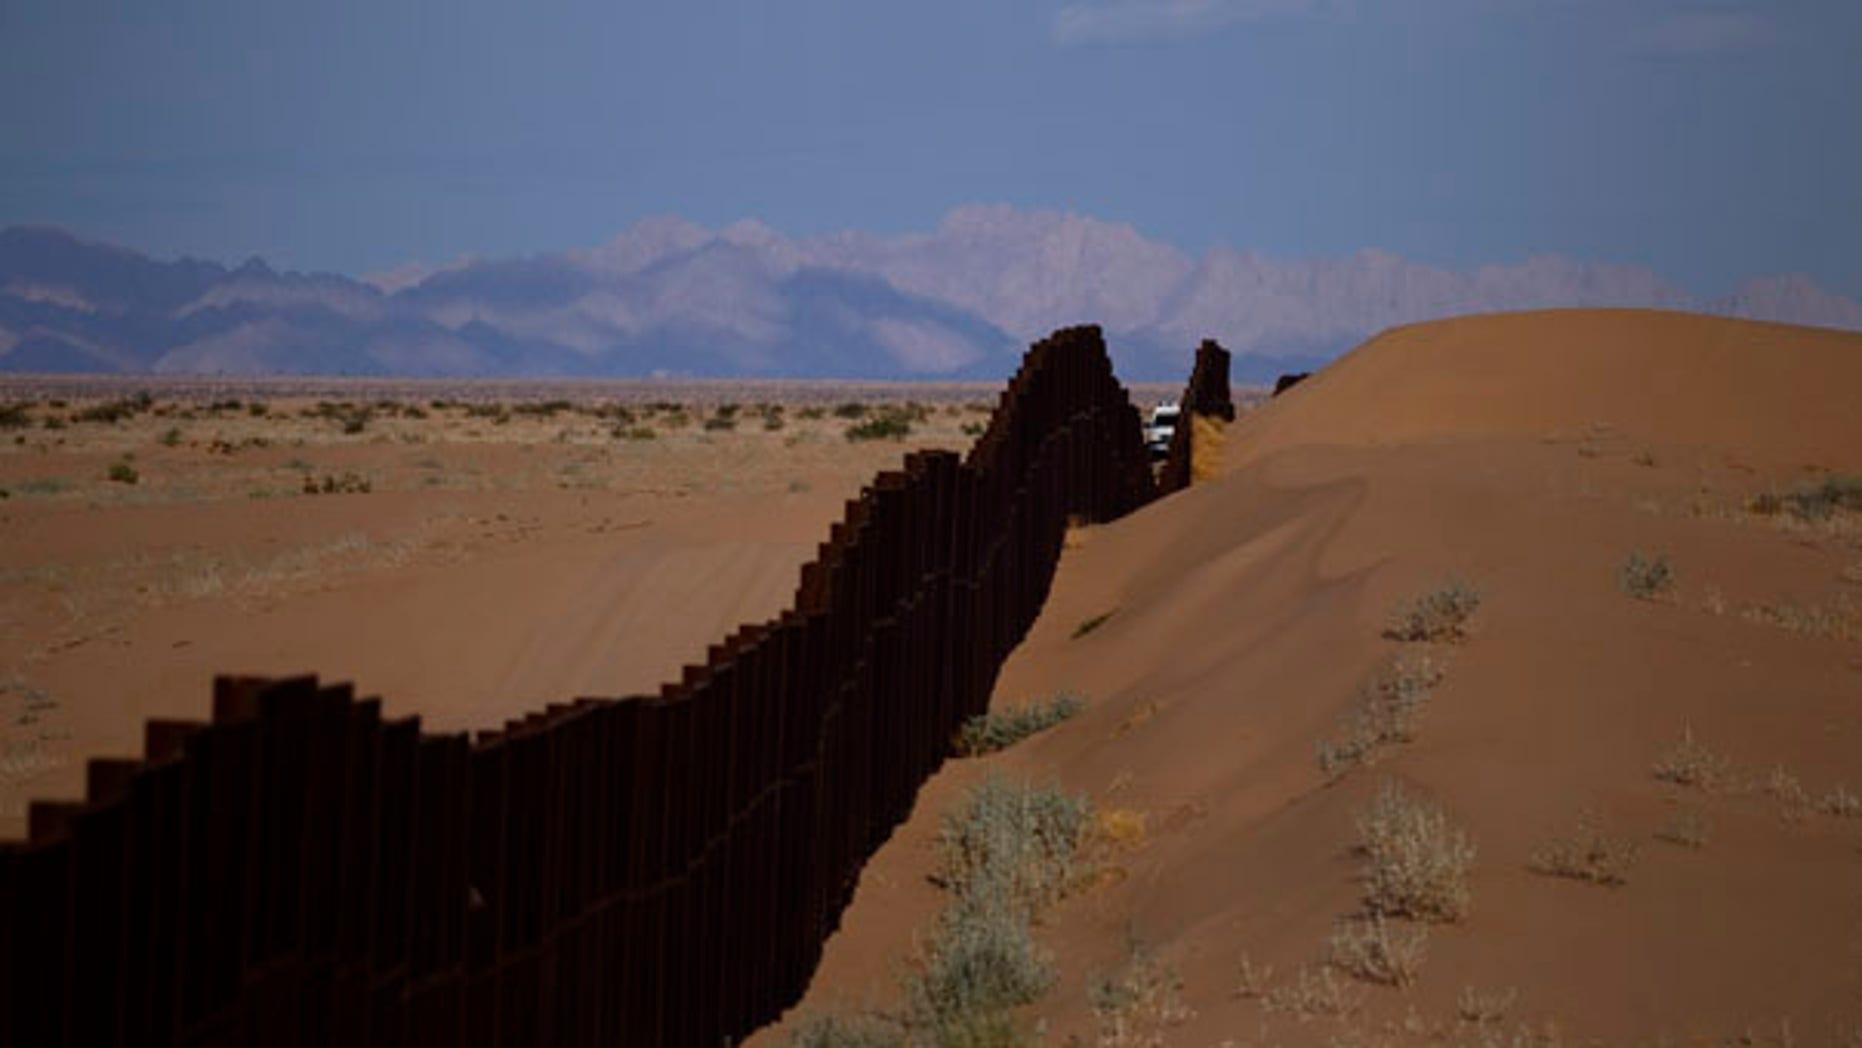 July 28: A US border patrol vehicle drives along the U.S.-Mexico border fence near Yuma, Arizona.